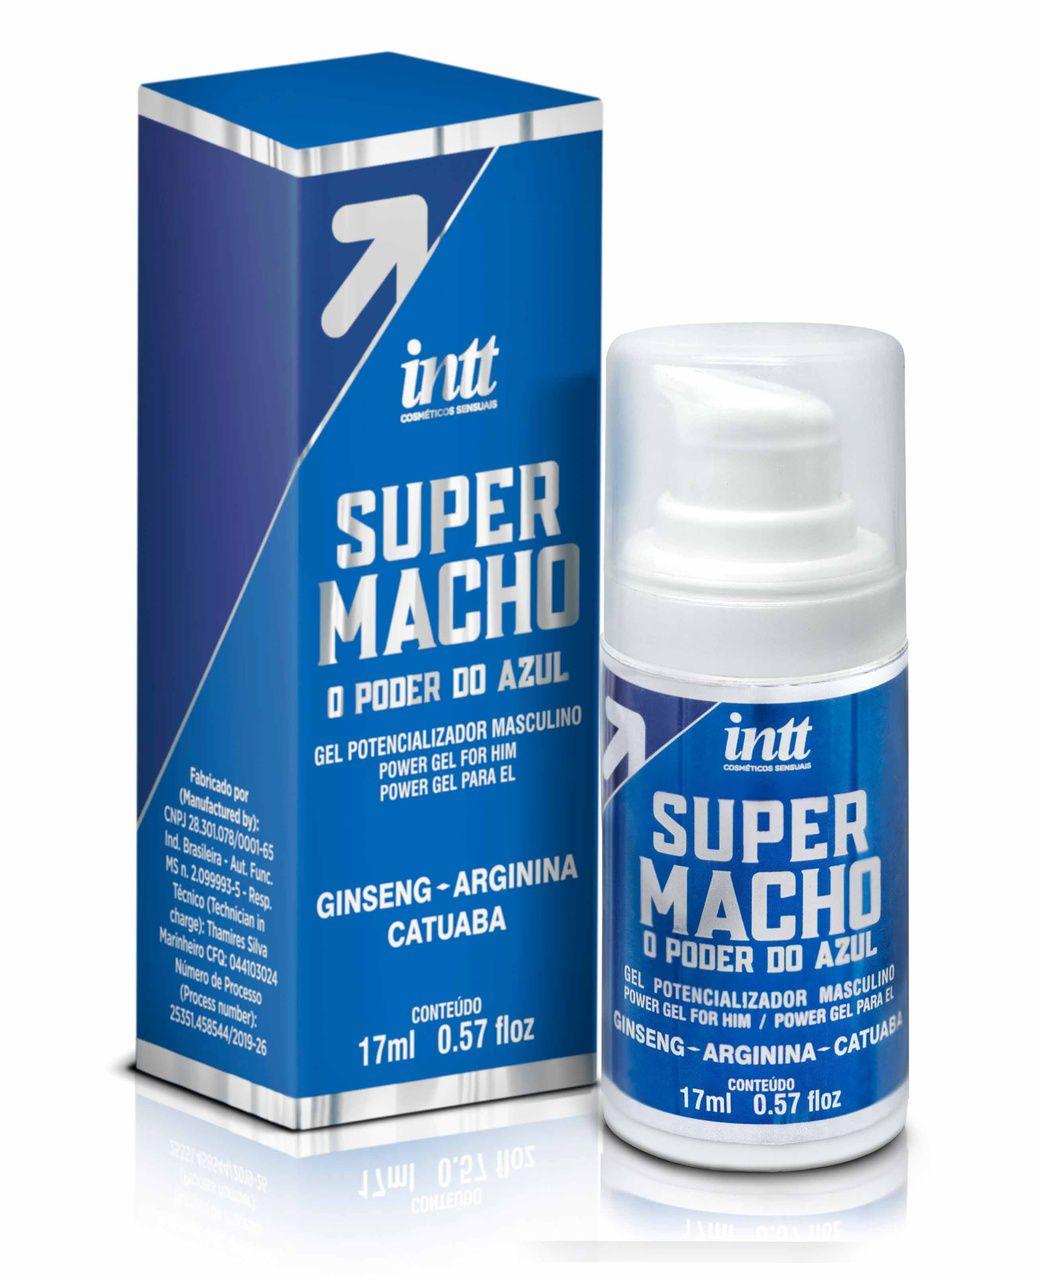 Gel Potencializador de Ereção Masculino Super Macho 17ml Intt